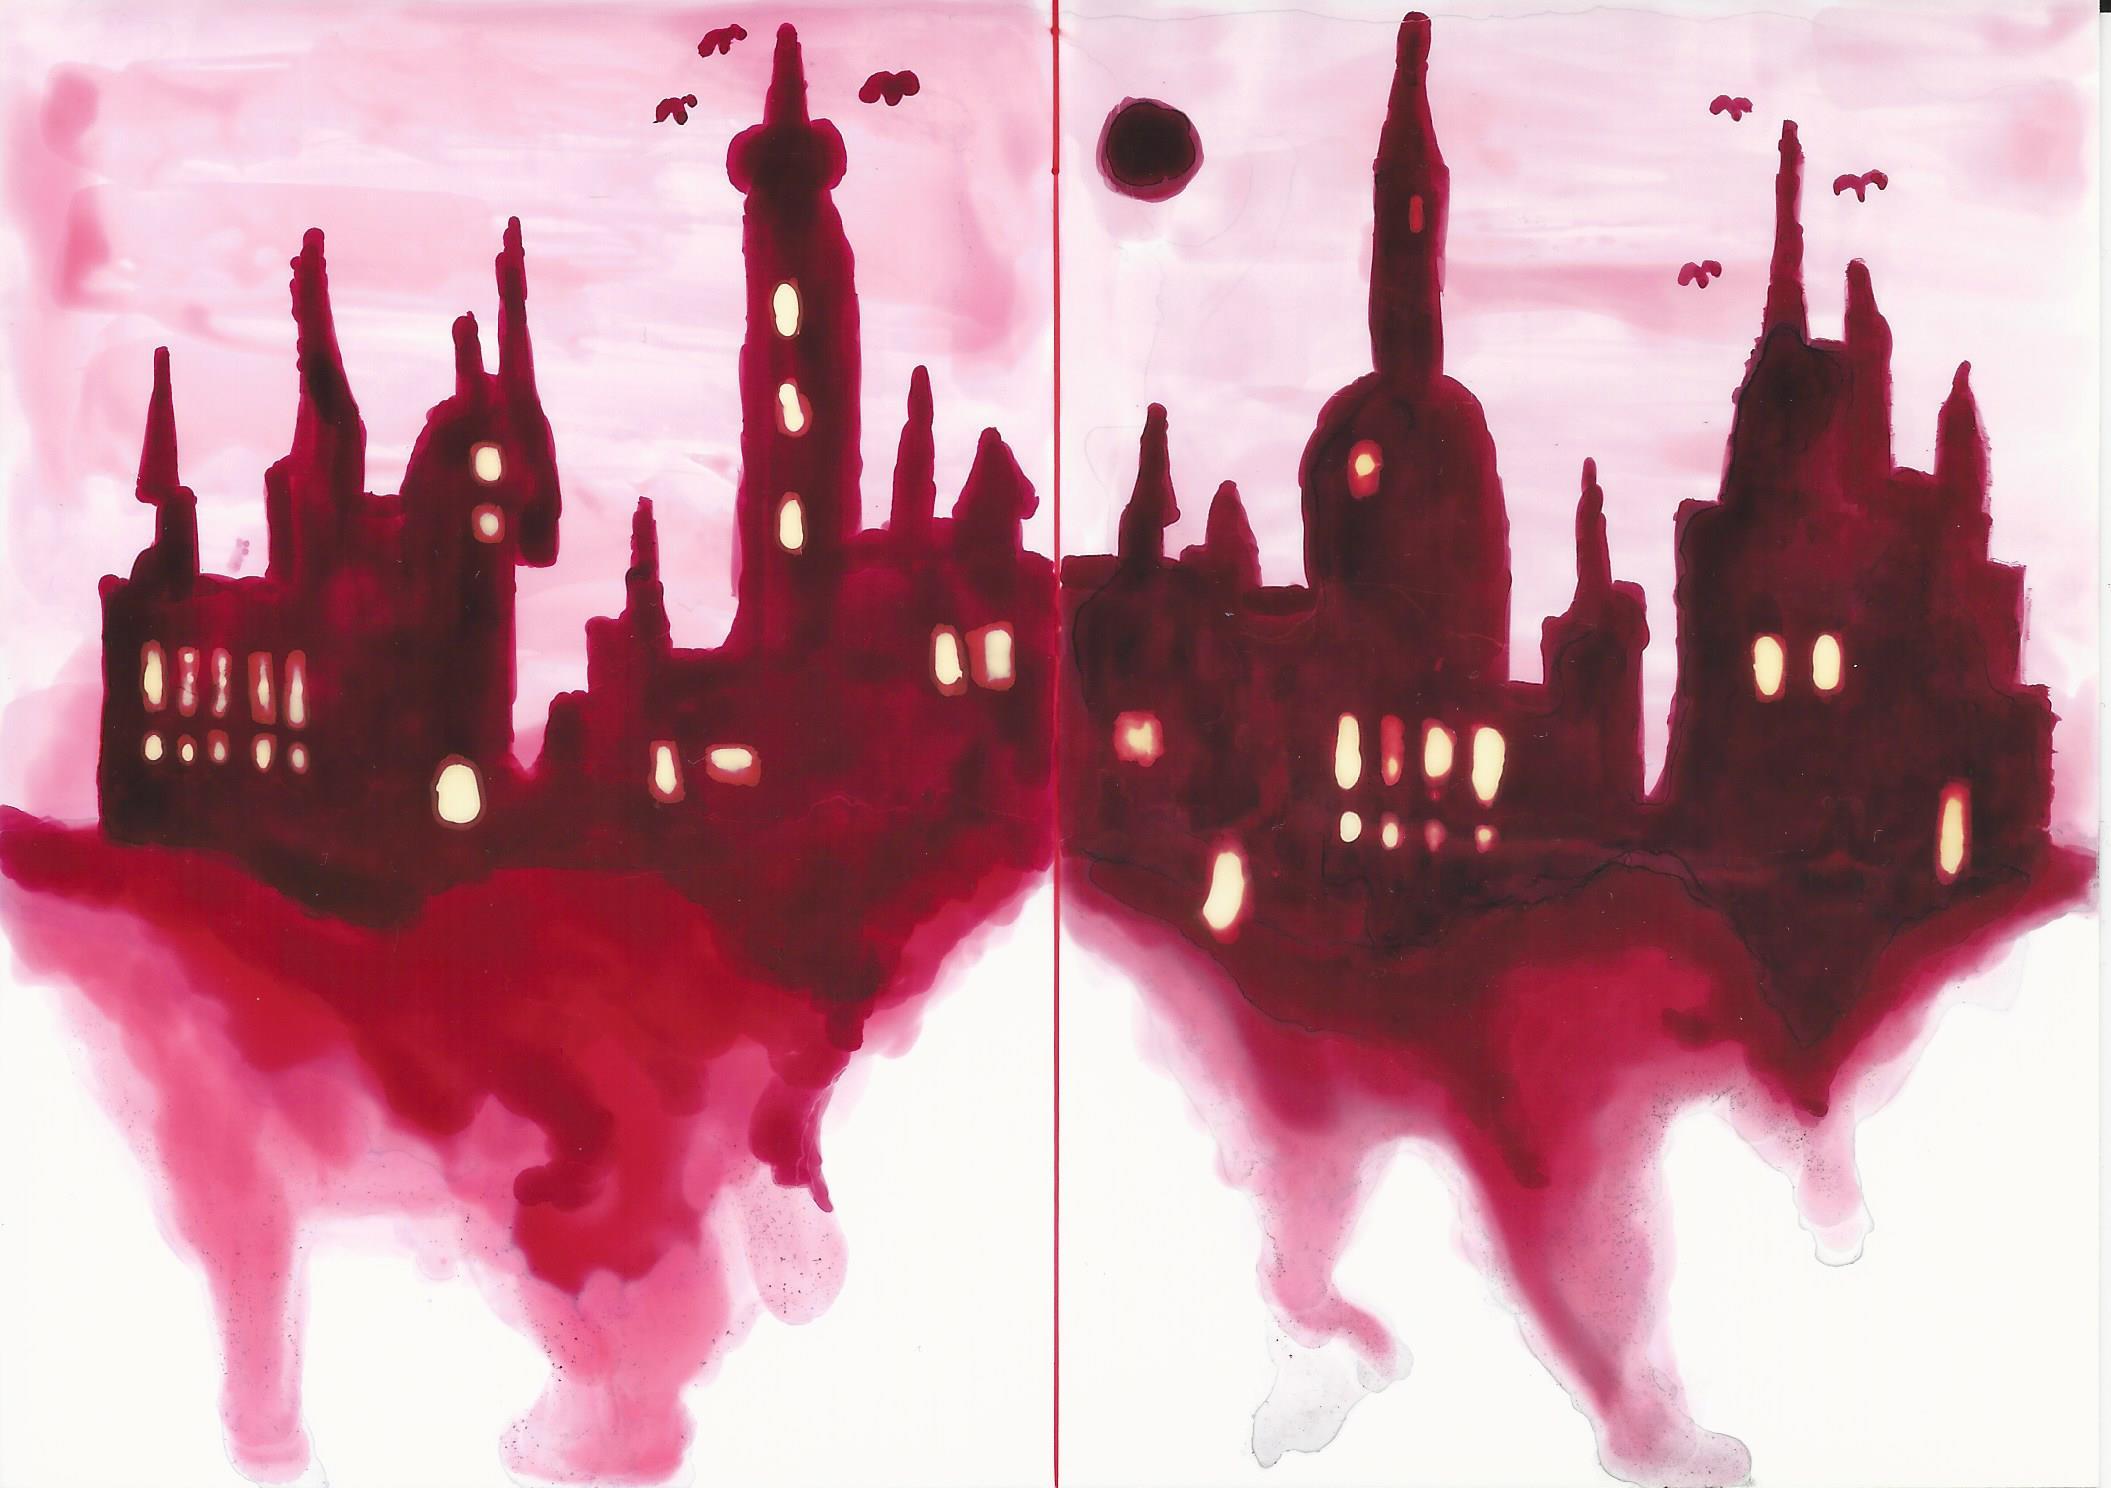 fpn_1580755105__burgundy_red_vs_red_bean